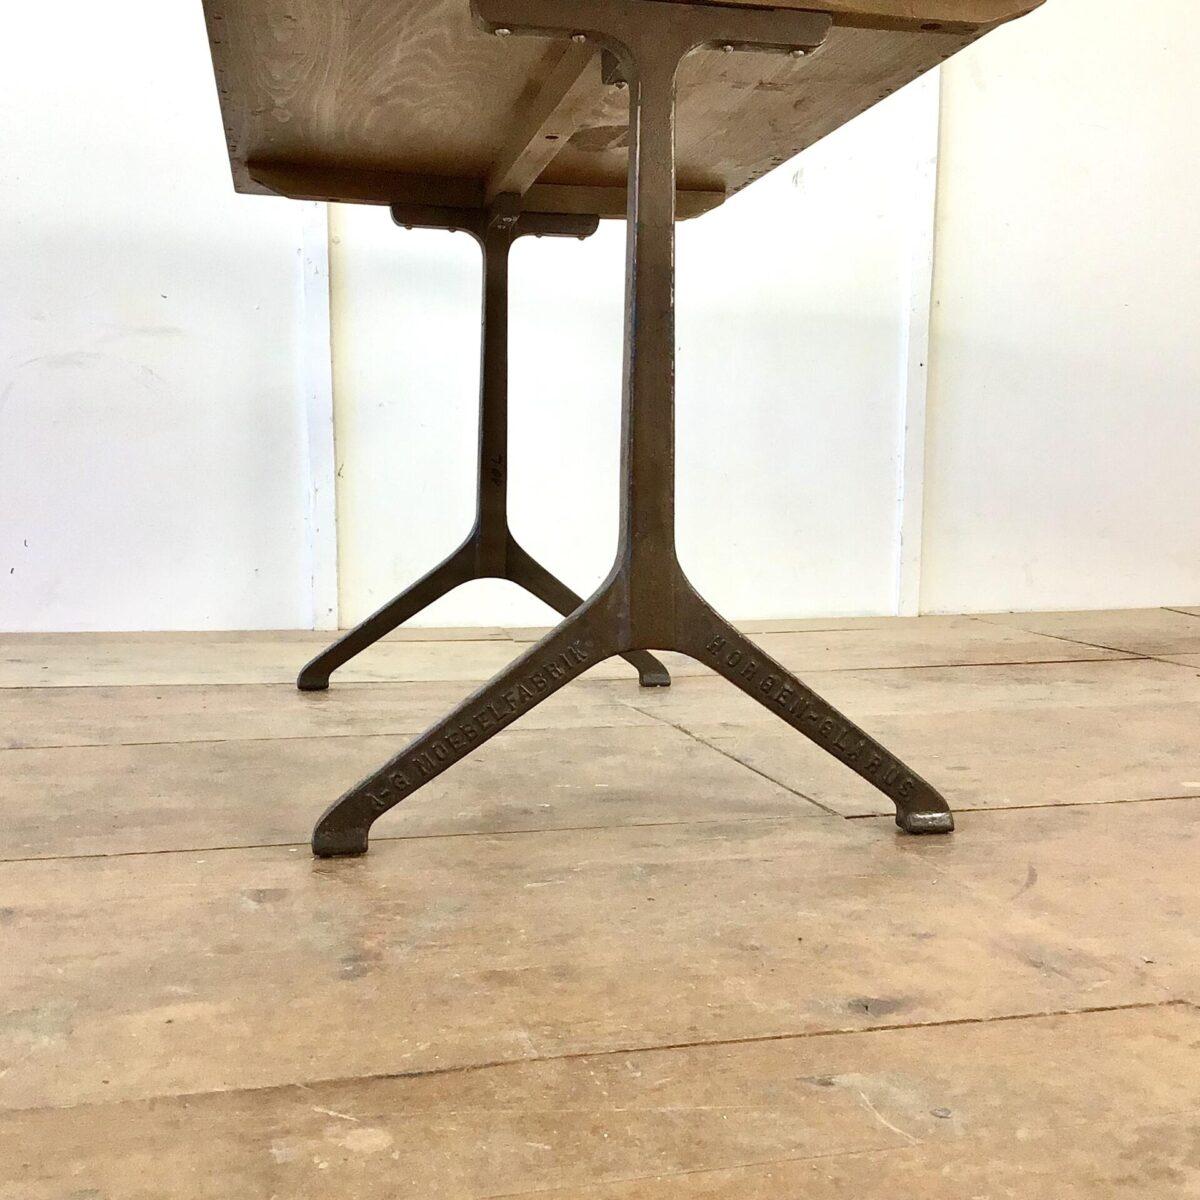 Drei Restauranttische von horgenglarus 138 x 72cm Höhe 74cm. Preis pro Tisch. Tischblatt Buchenholz massiv lackiert, diverse altersbedingte Abnutzungsspuren. Braune horgenglarus gussfüsse.